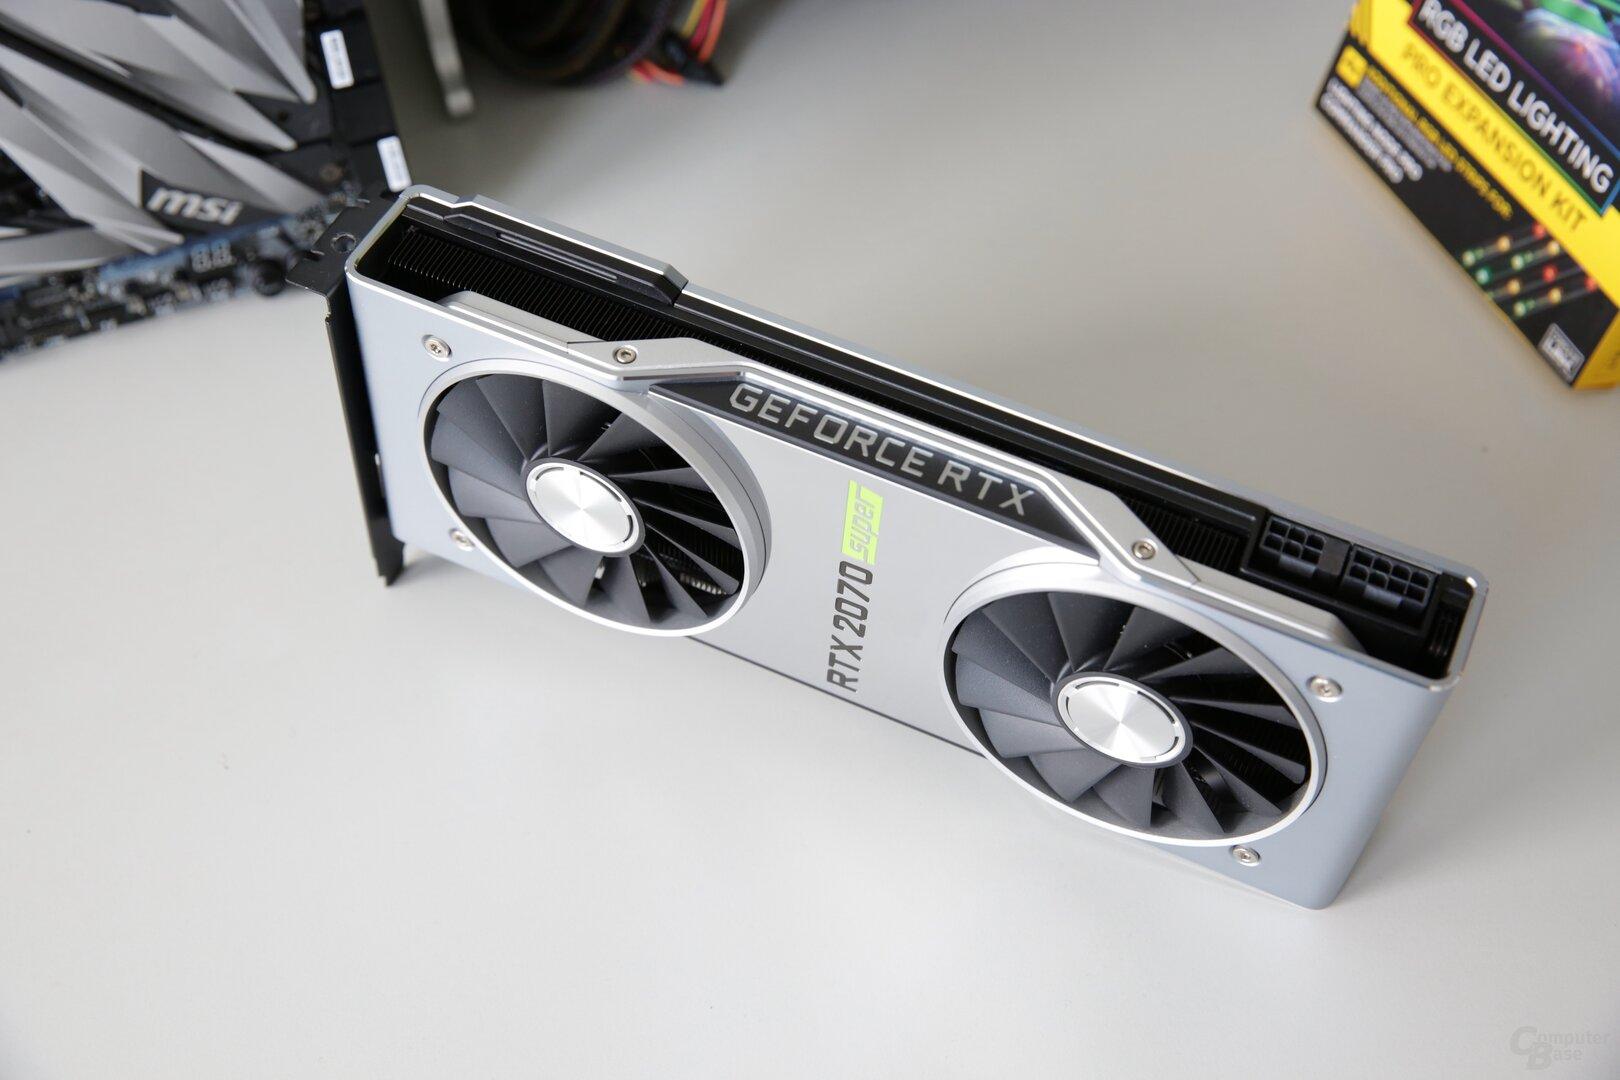 Die neue GeForce RTX 2070 Super mit PCB und Kühler der GeForce RTX 2080